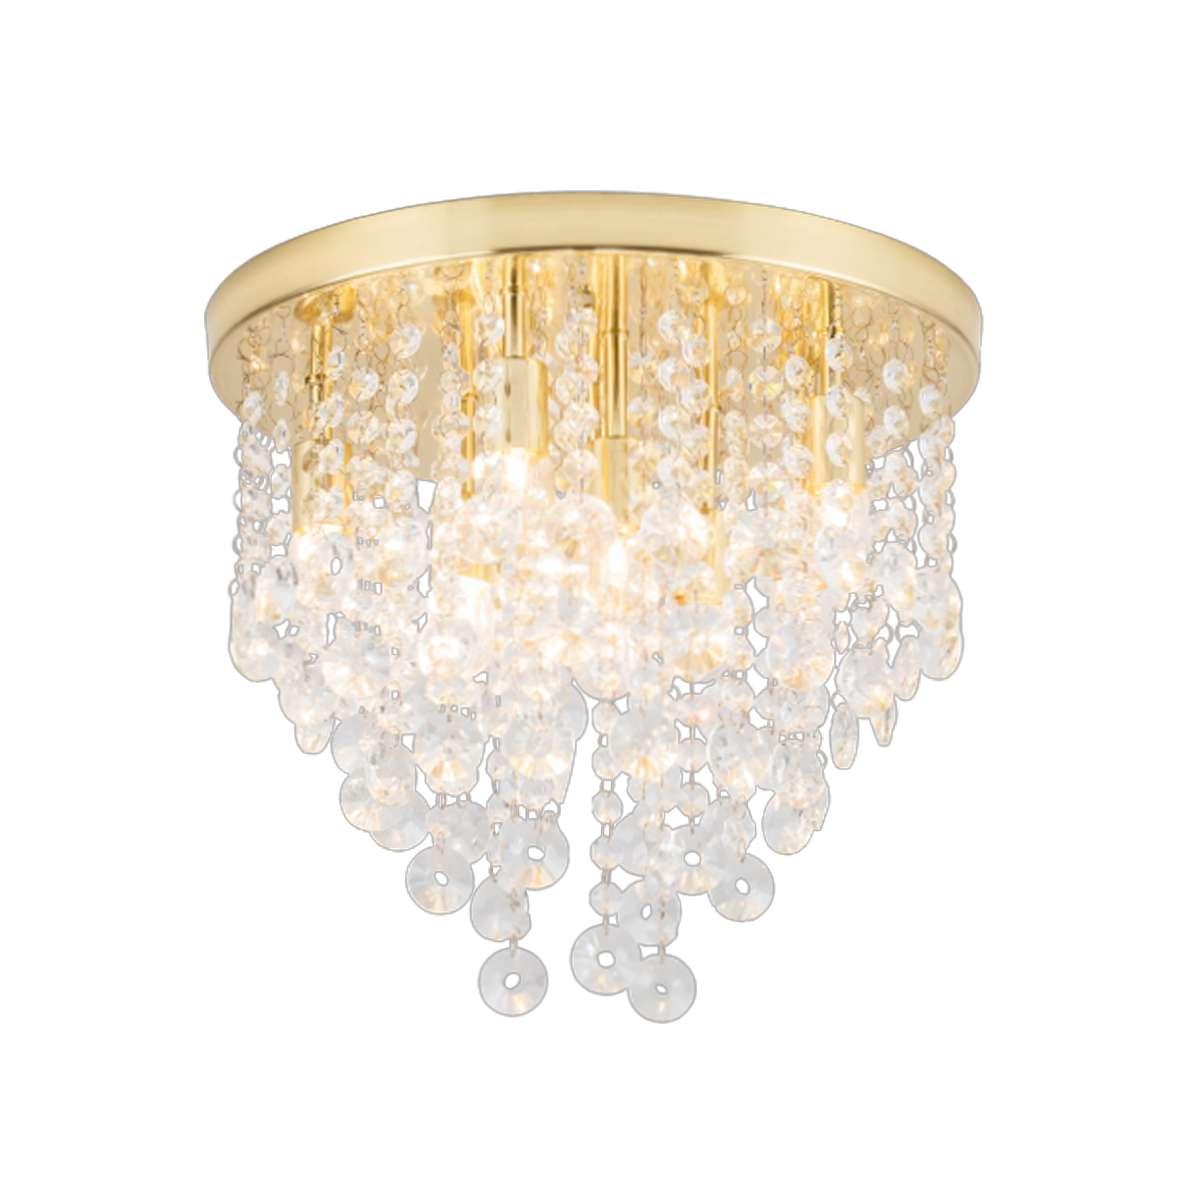 Celeste 9 Light Flush Fitting in Brass